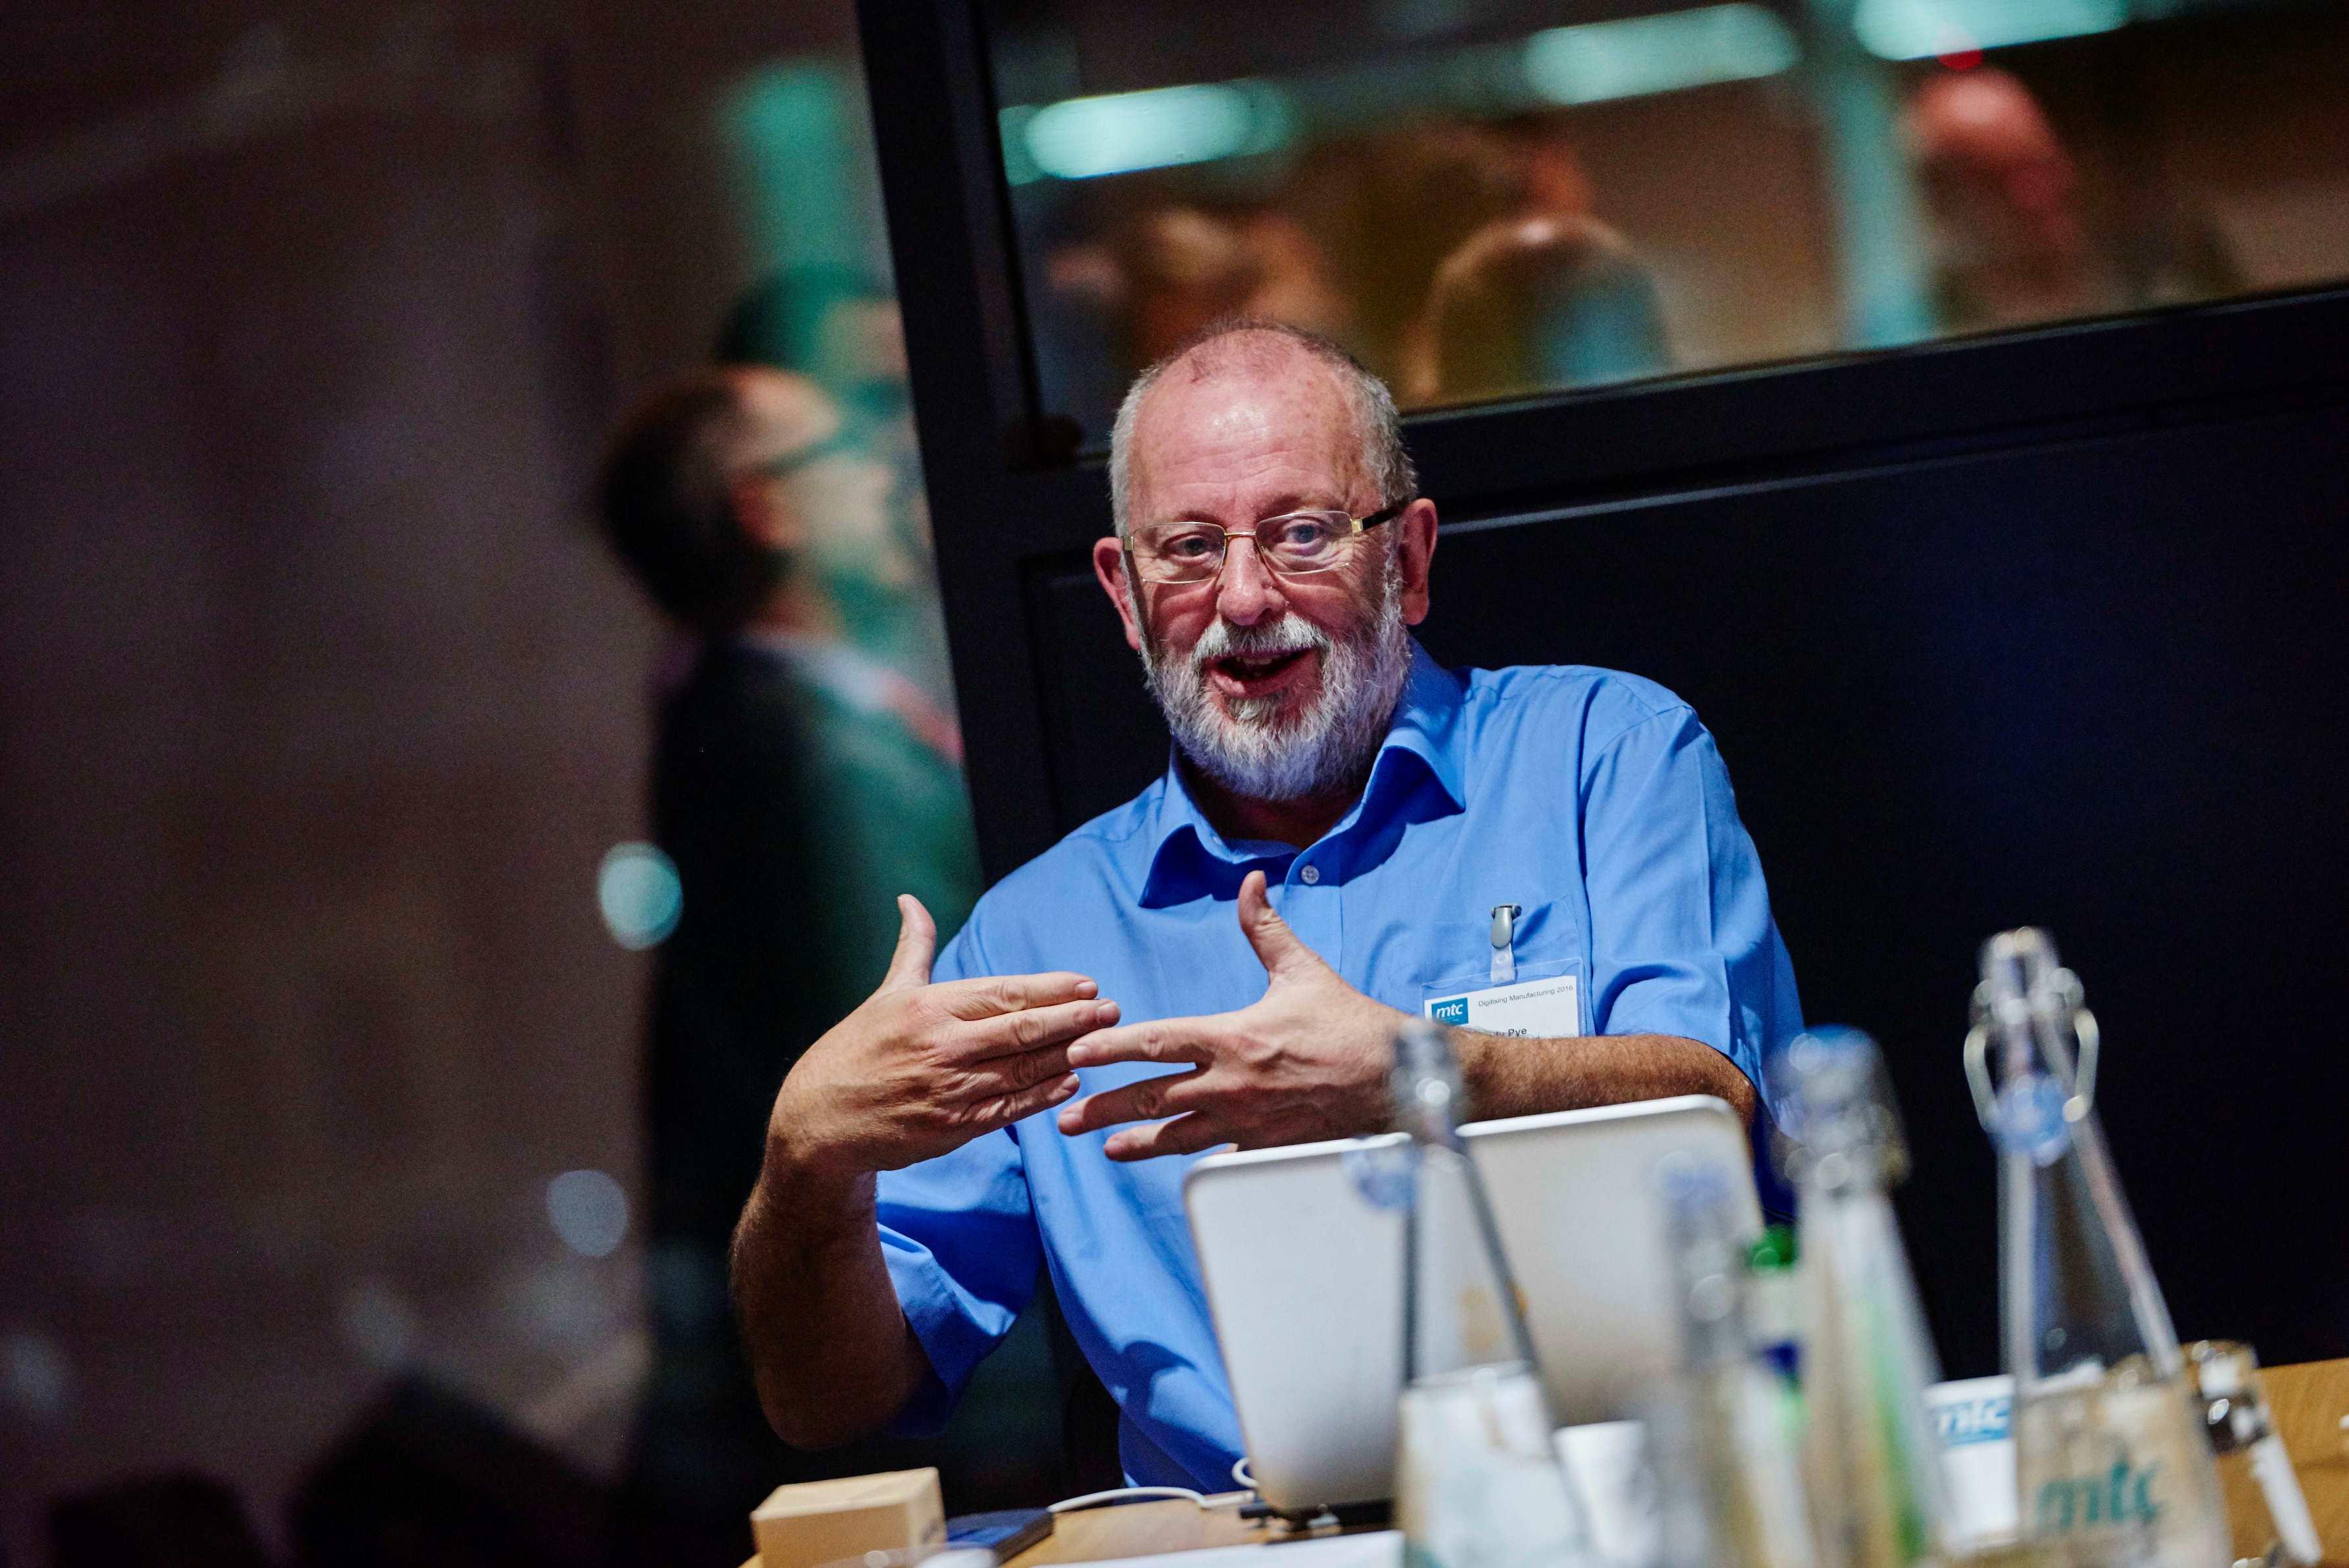 Andy Pye moderates debate on digital manufacturing